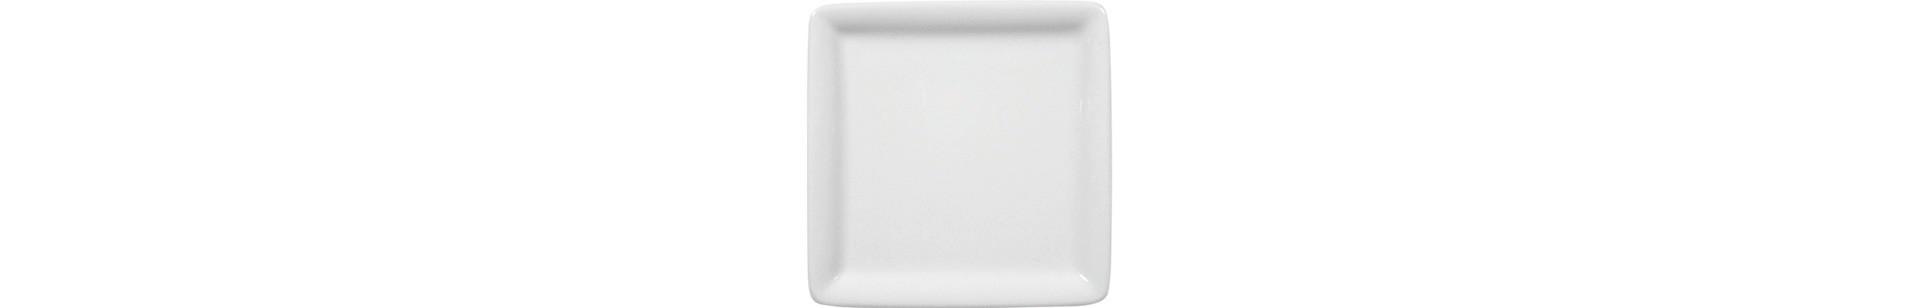 Buffet Gourmet, Platte quadratisch 100 x 100 mm